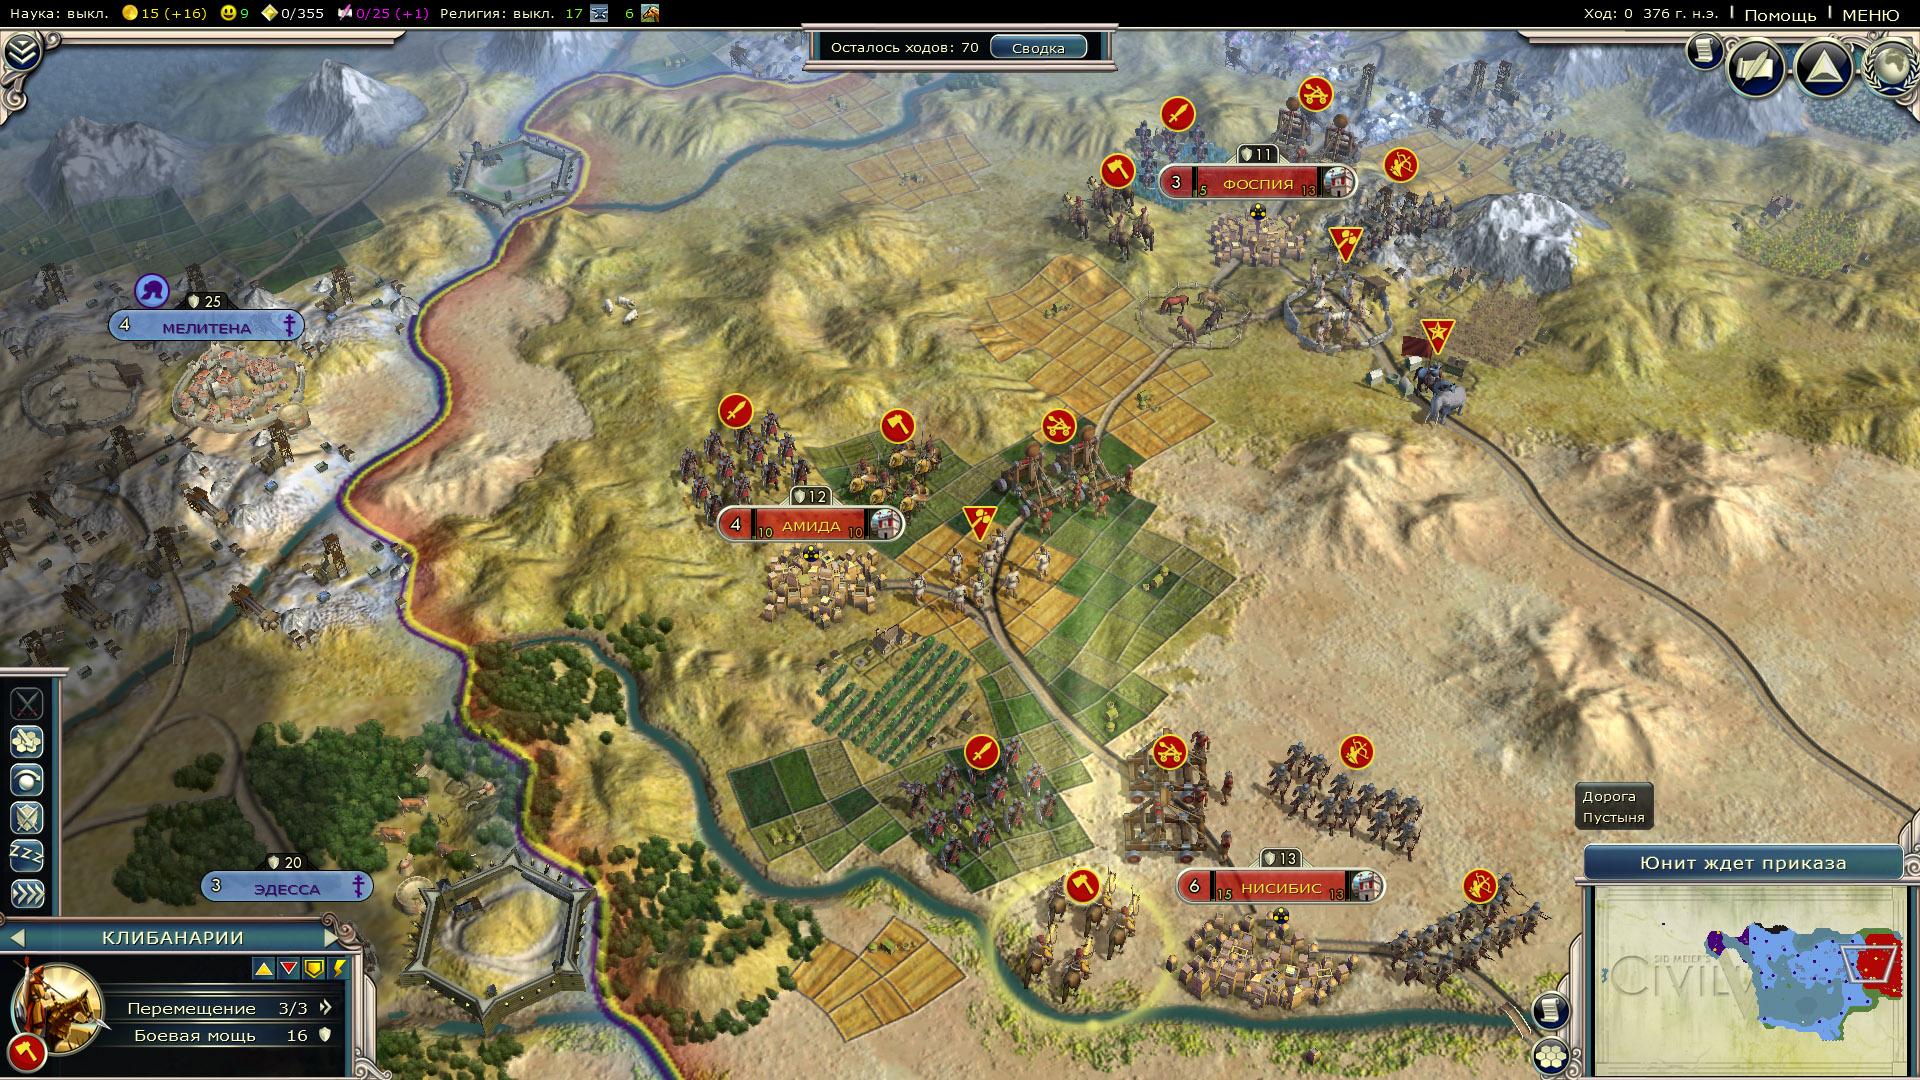 Игра цивилизация скачать бесплатно на компьютер